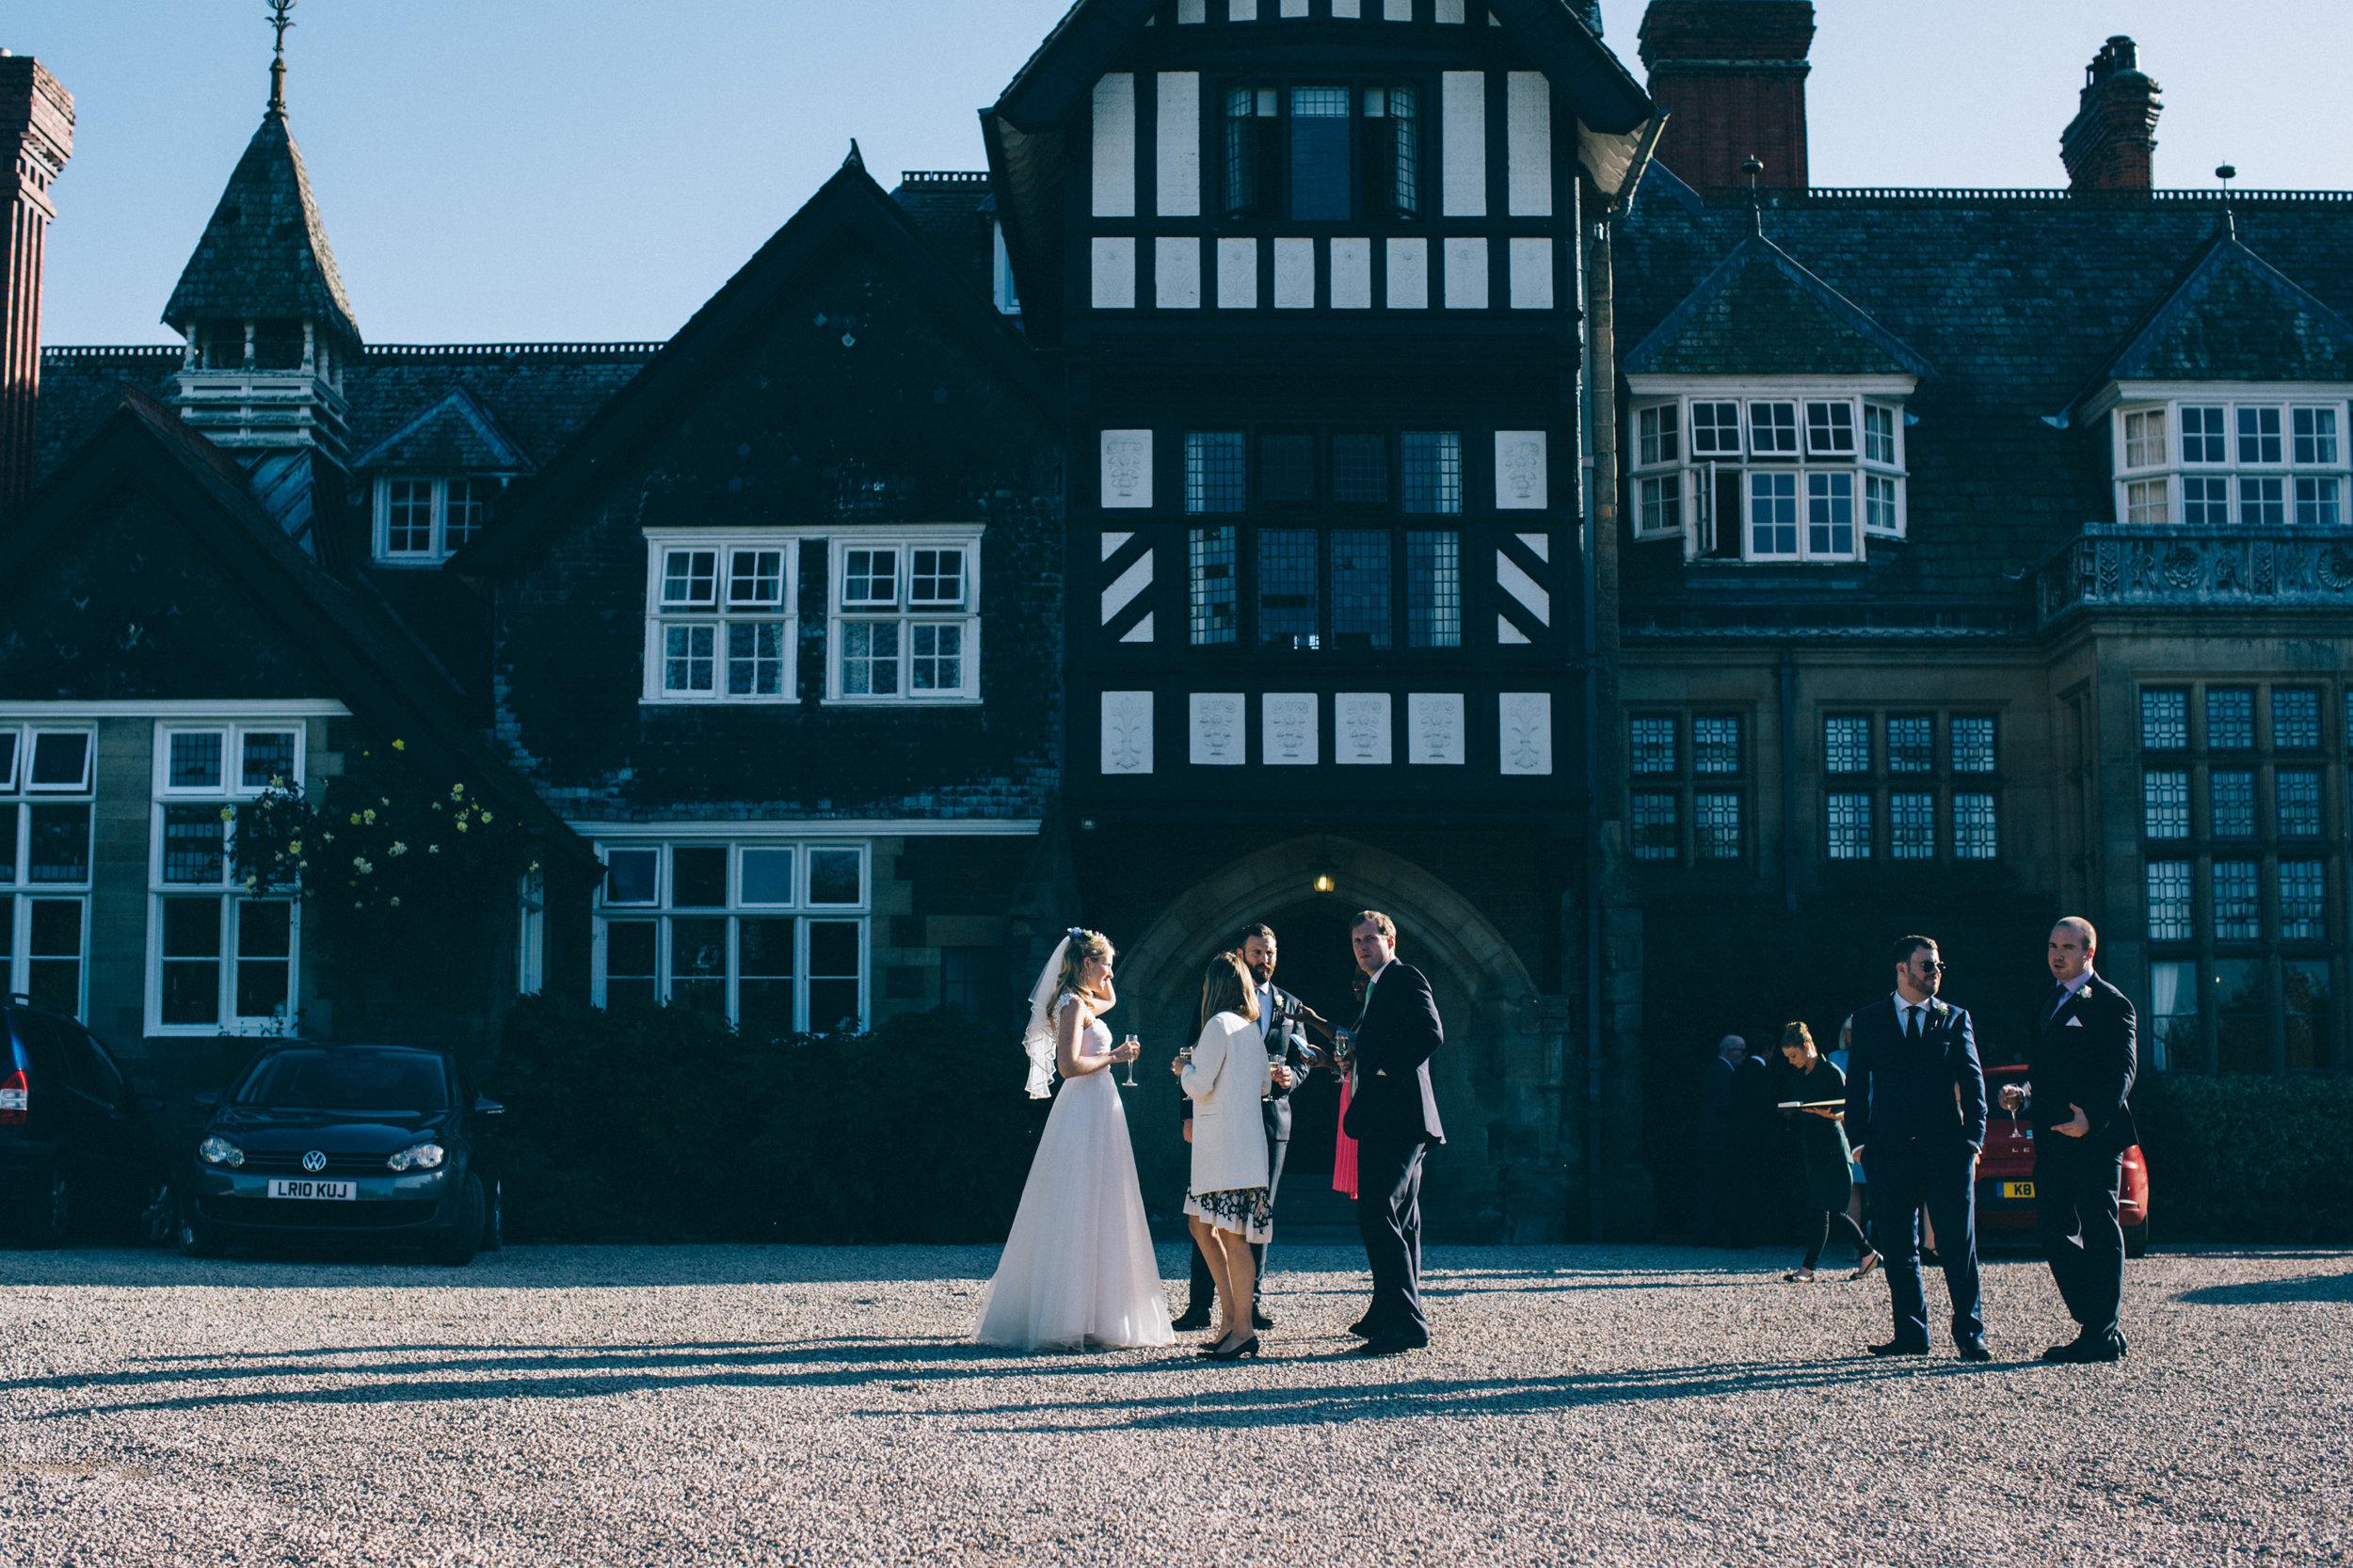 uk wedding photographer artistic wedding photography-88.jpg